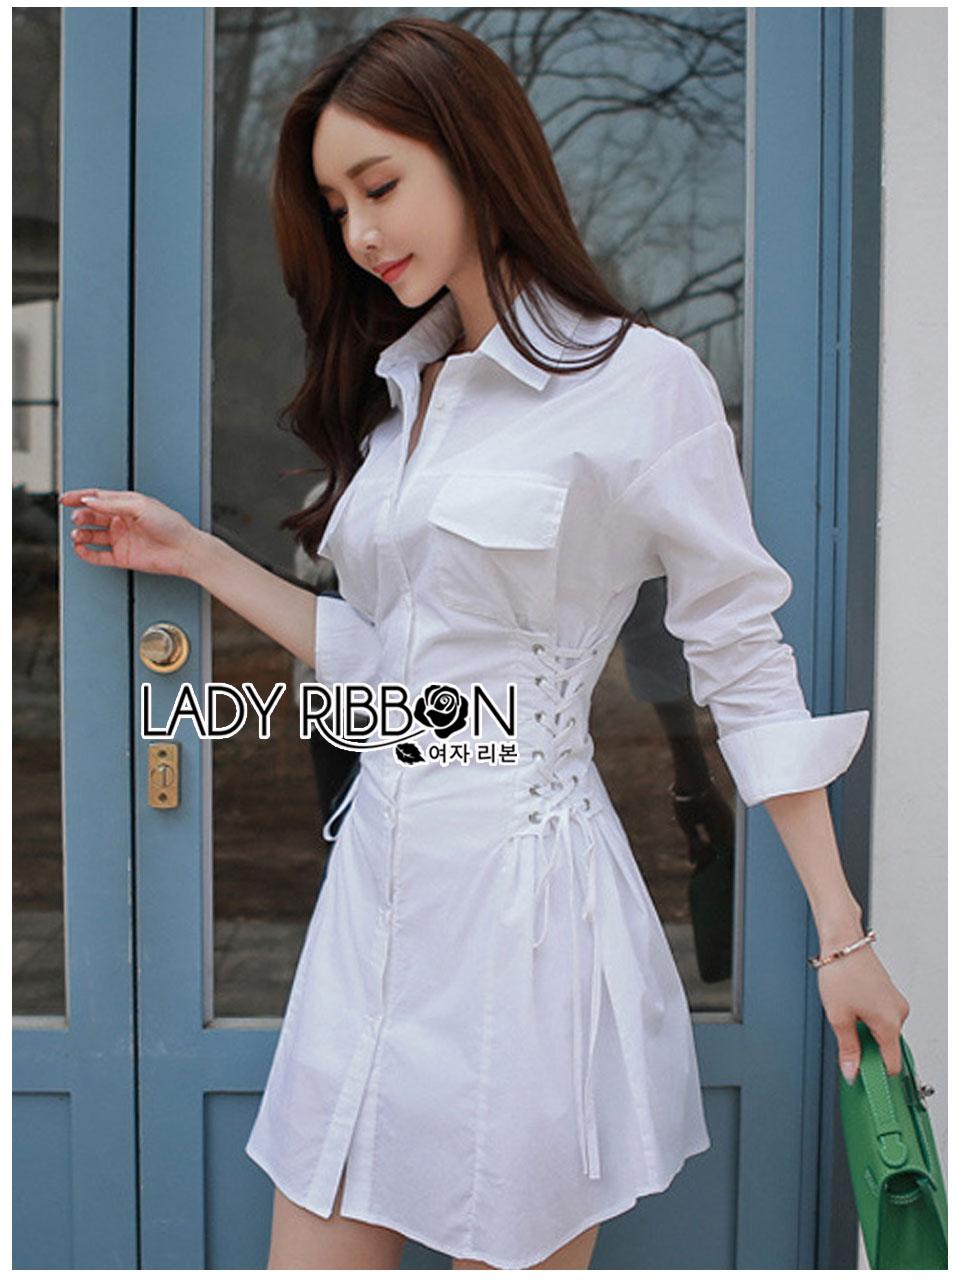 เสื้อผ้าเกาหลีพร้อมส่ง เชิ้ตเดรสผ้าคอตตอนสีขาวตกแต่งเชือกผูกด้านข้าง